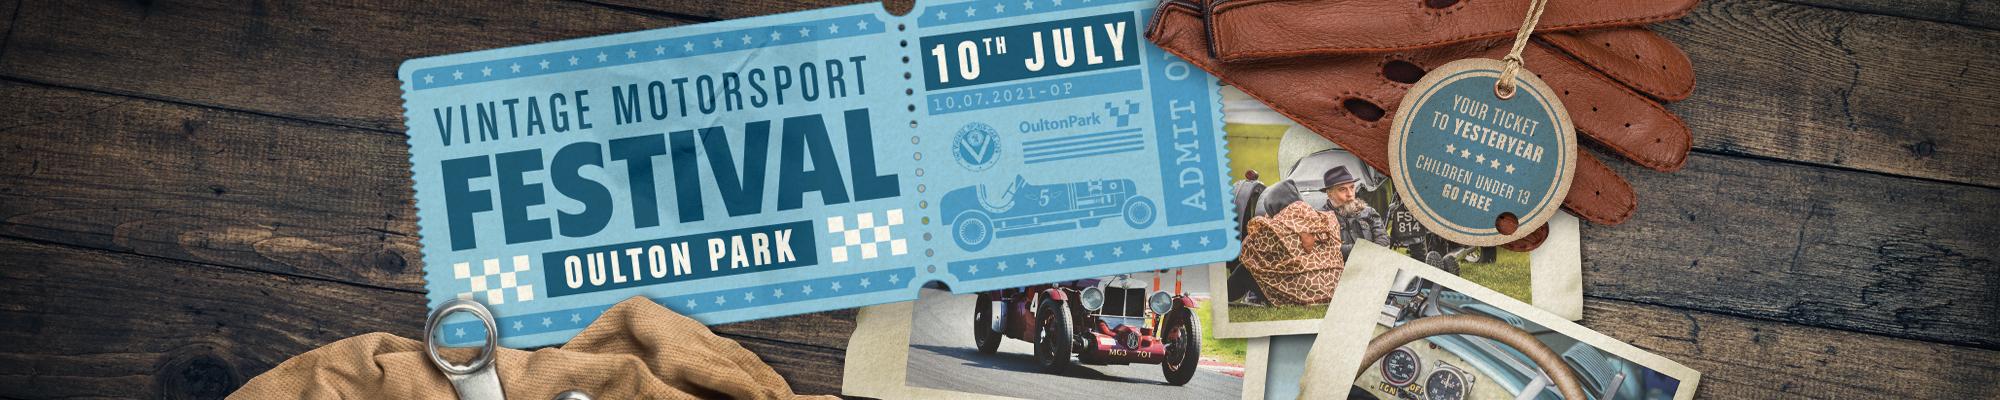 Vintage Motorsport Festival - Vintage Sports Car Club